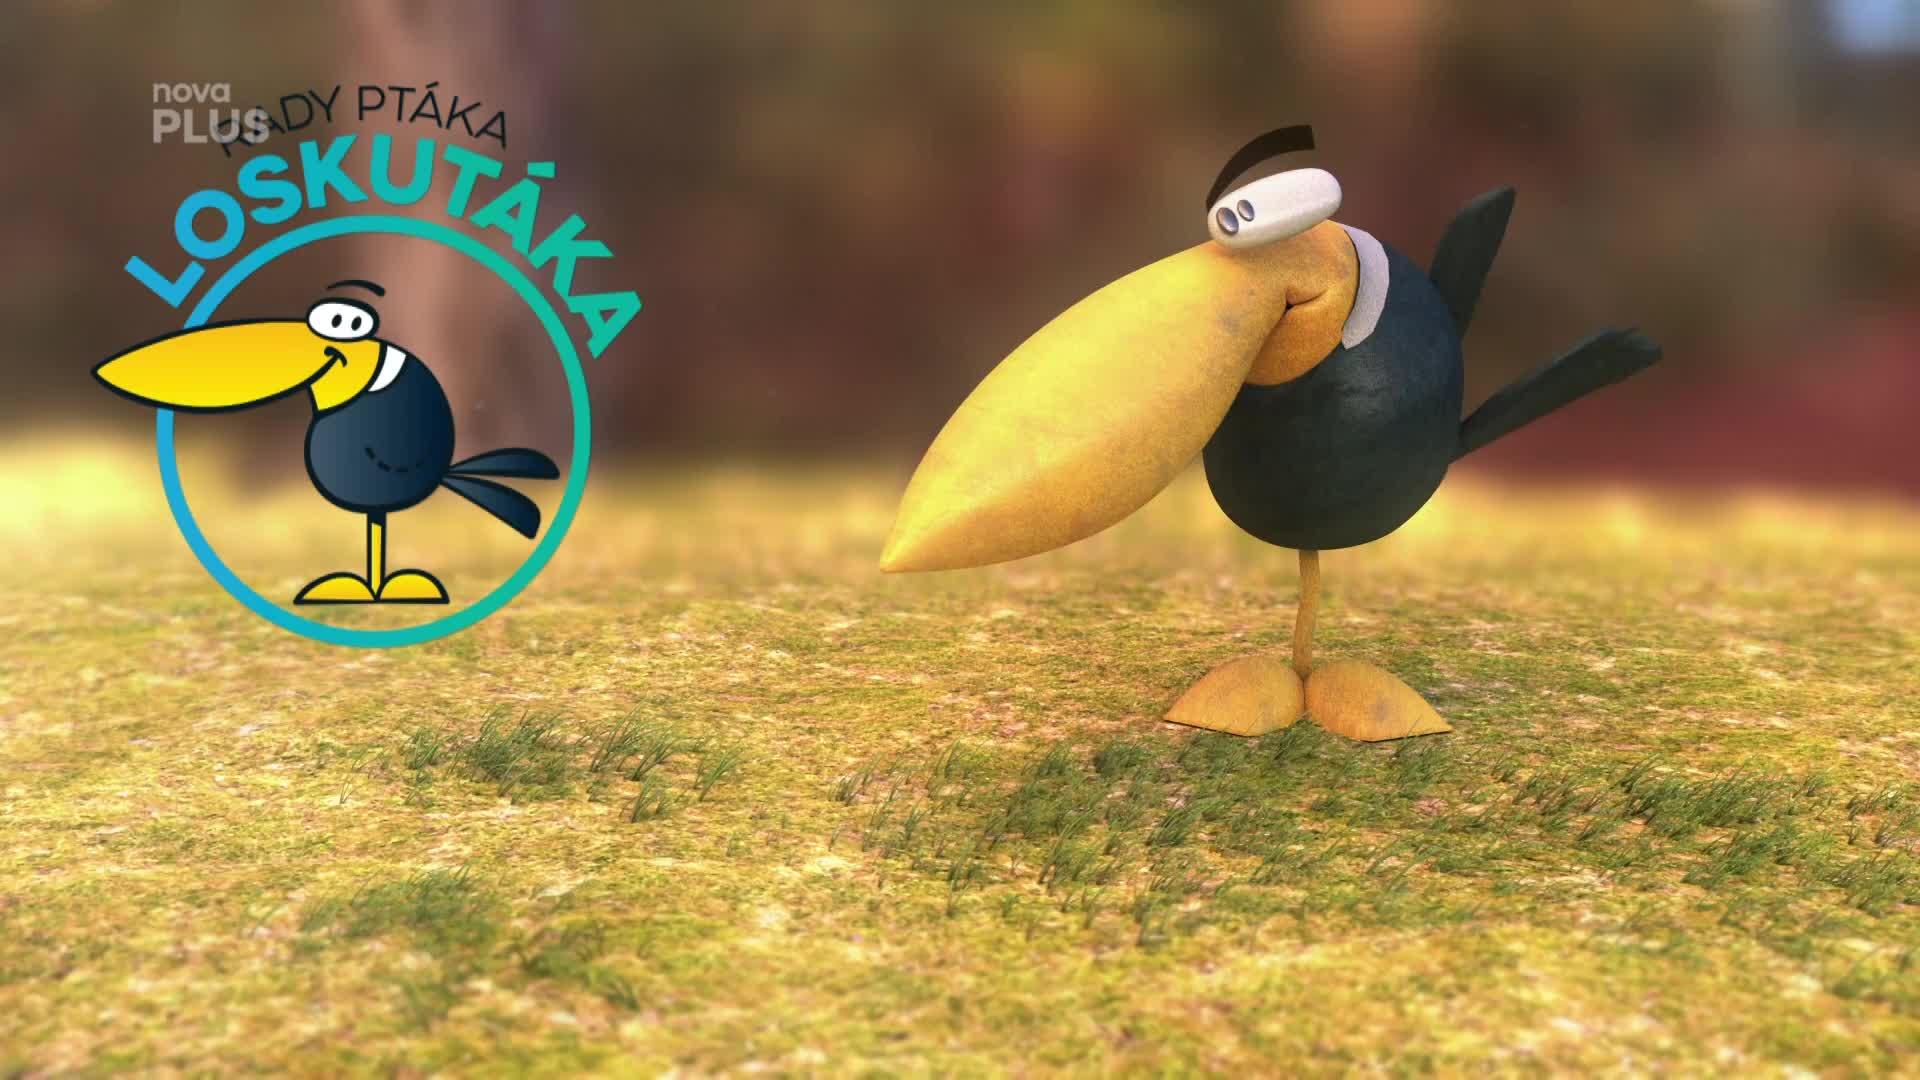 Rady ptáka Loskutáka přinesou hodně neotřelé nápady. Podívejte se, na co se můžete těšit